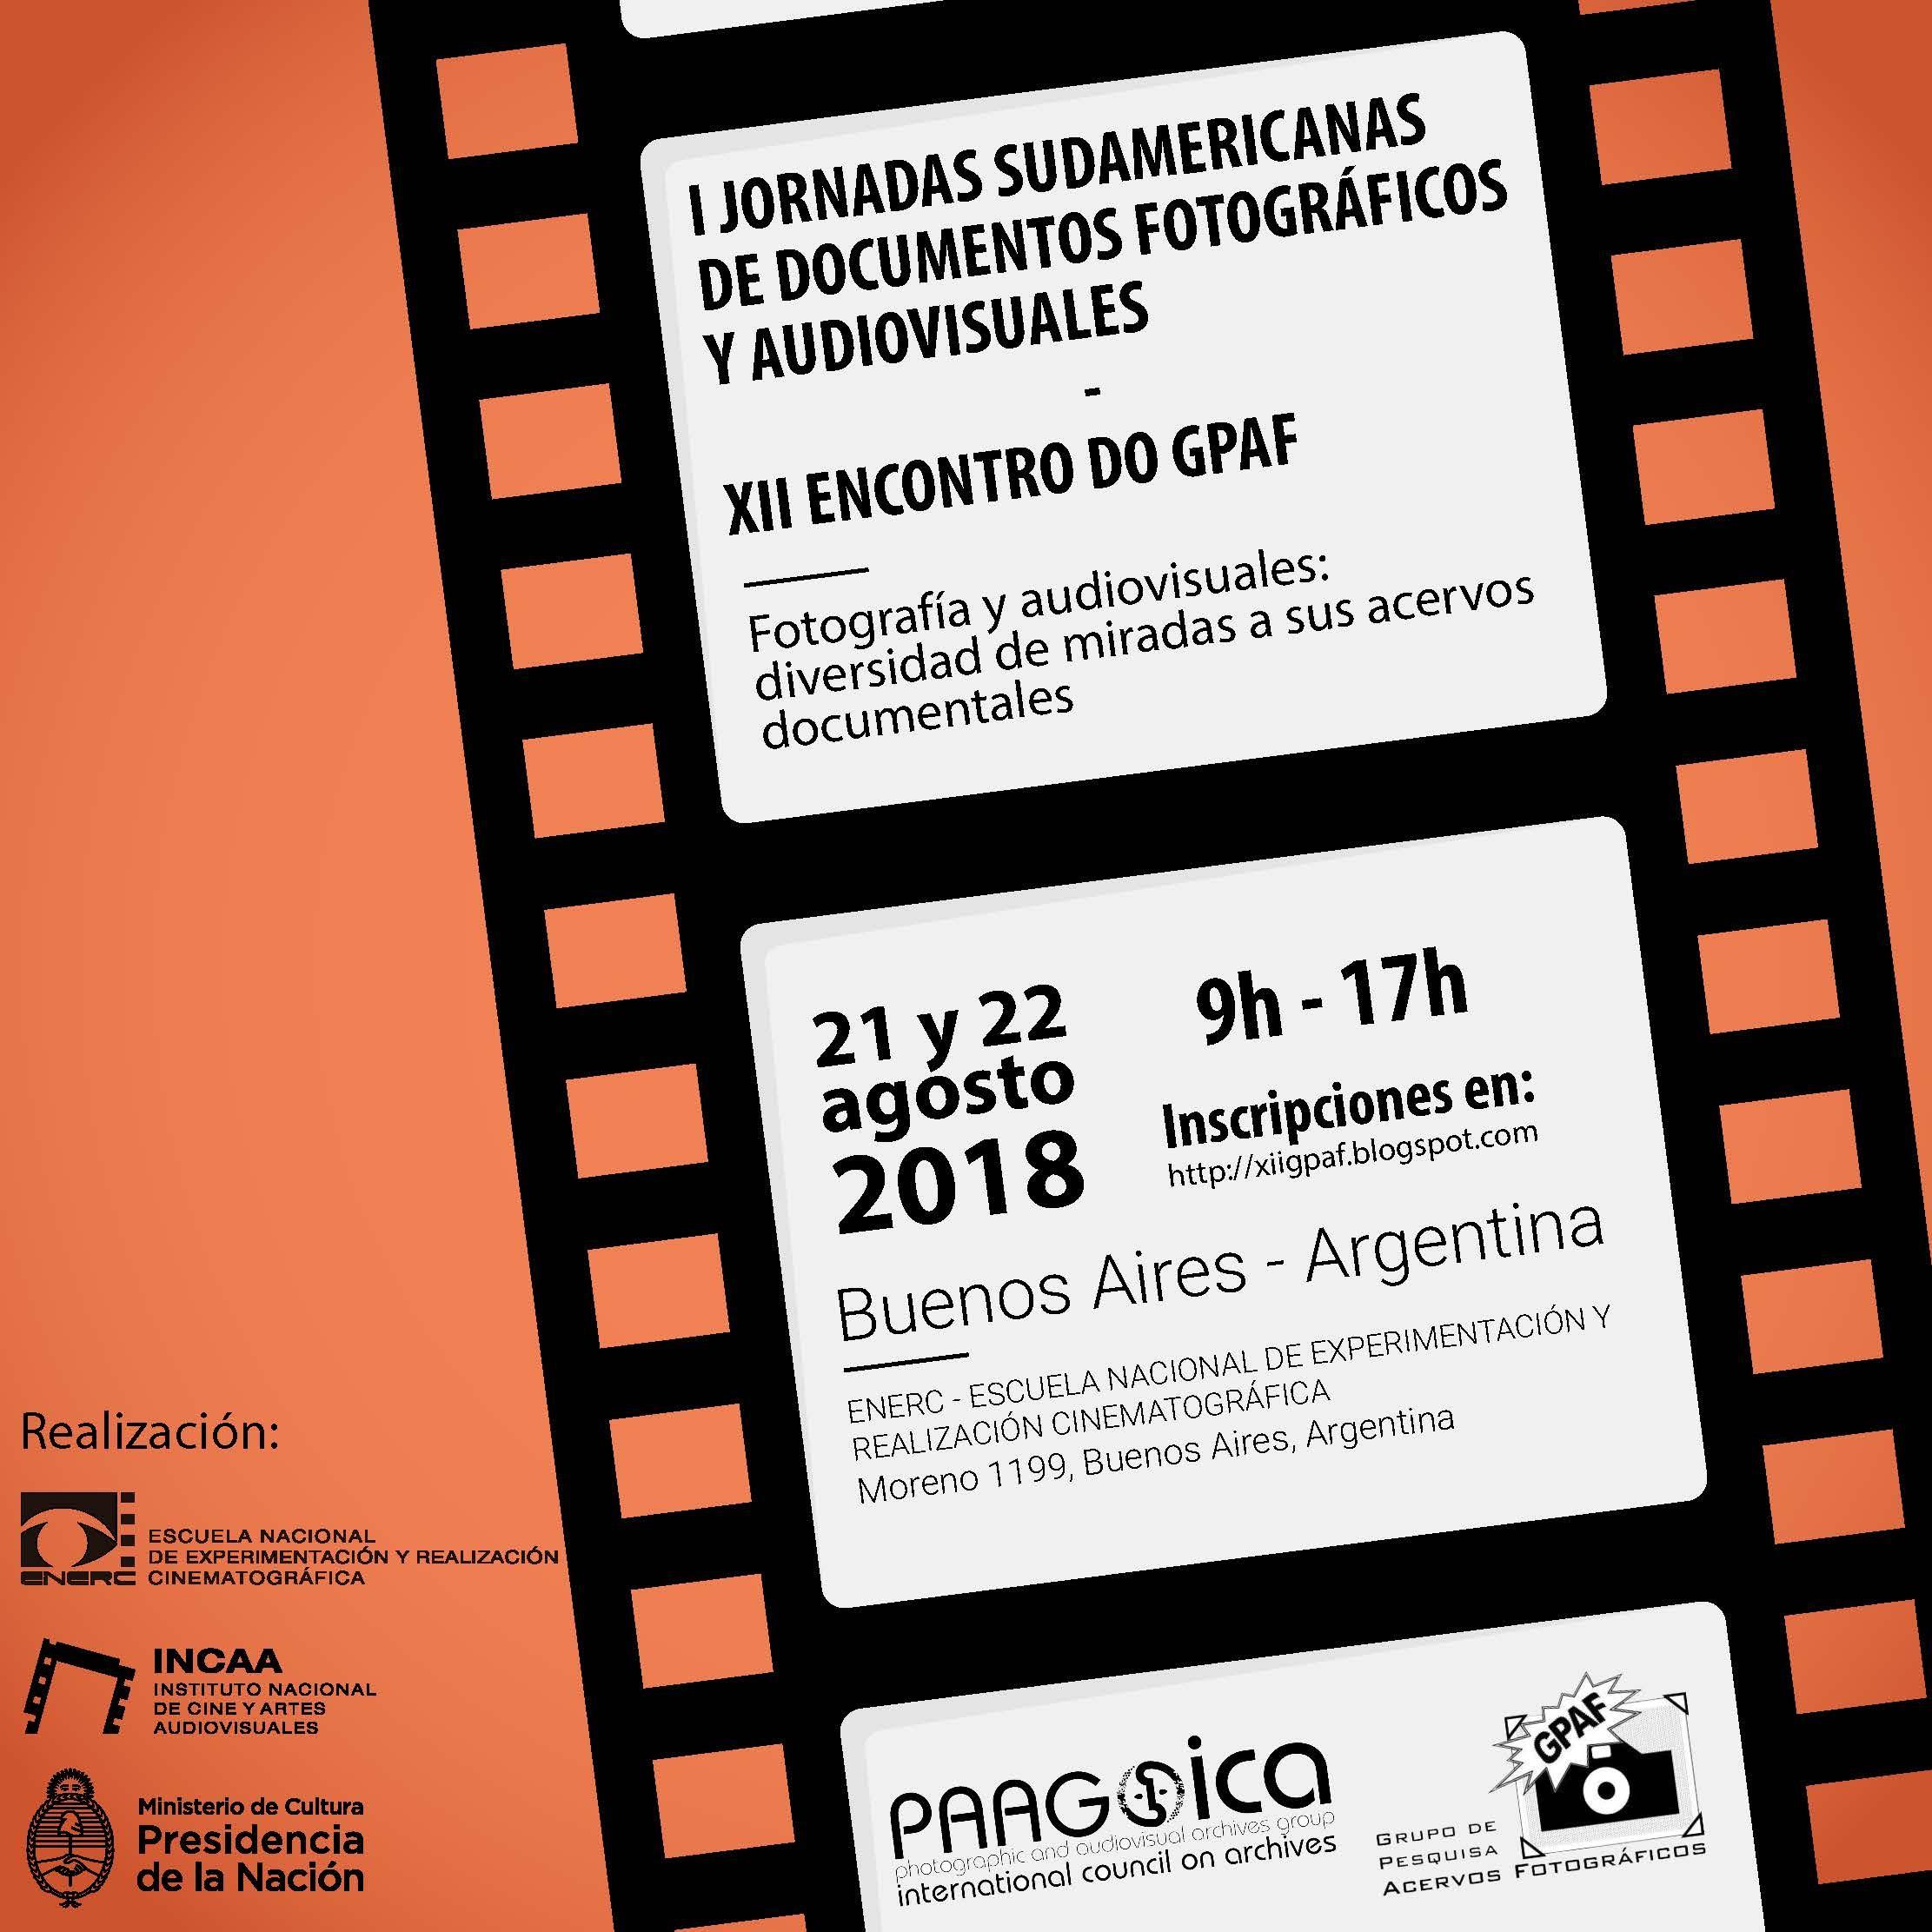 Calendario Escolar 2019 Argentina Caba Más Caliente Enerc Escuela Nacional De Experimentaci³n Y Realizaci³n Of Calendario Escolar 2019 Argentina Caba Actual Concursos